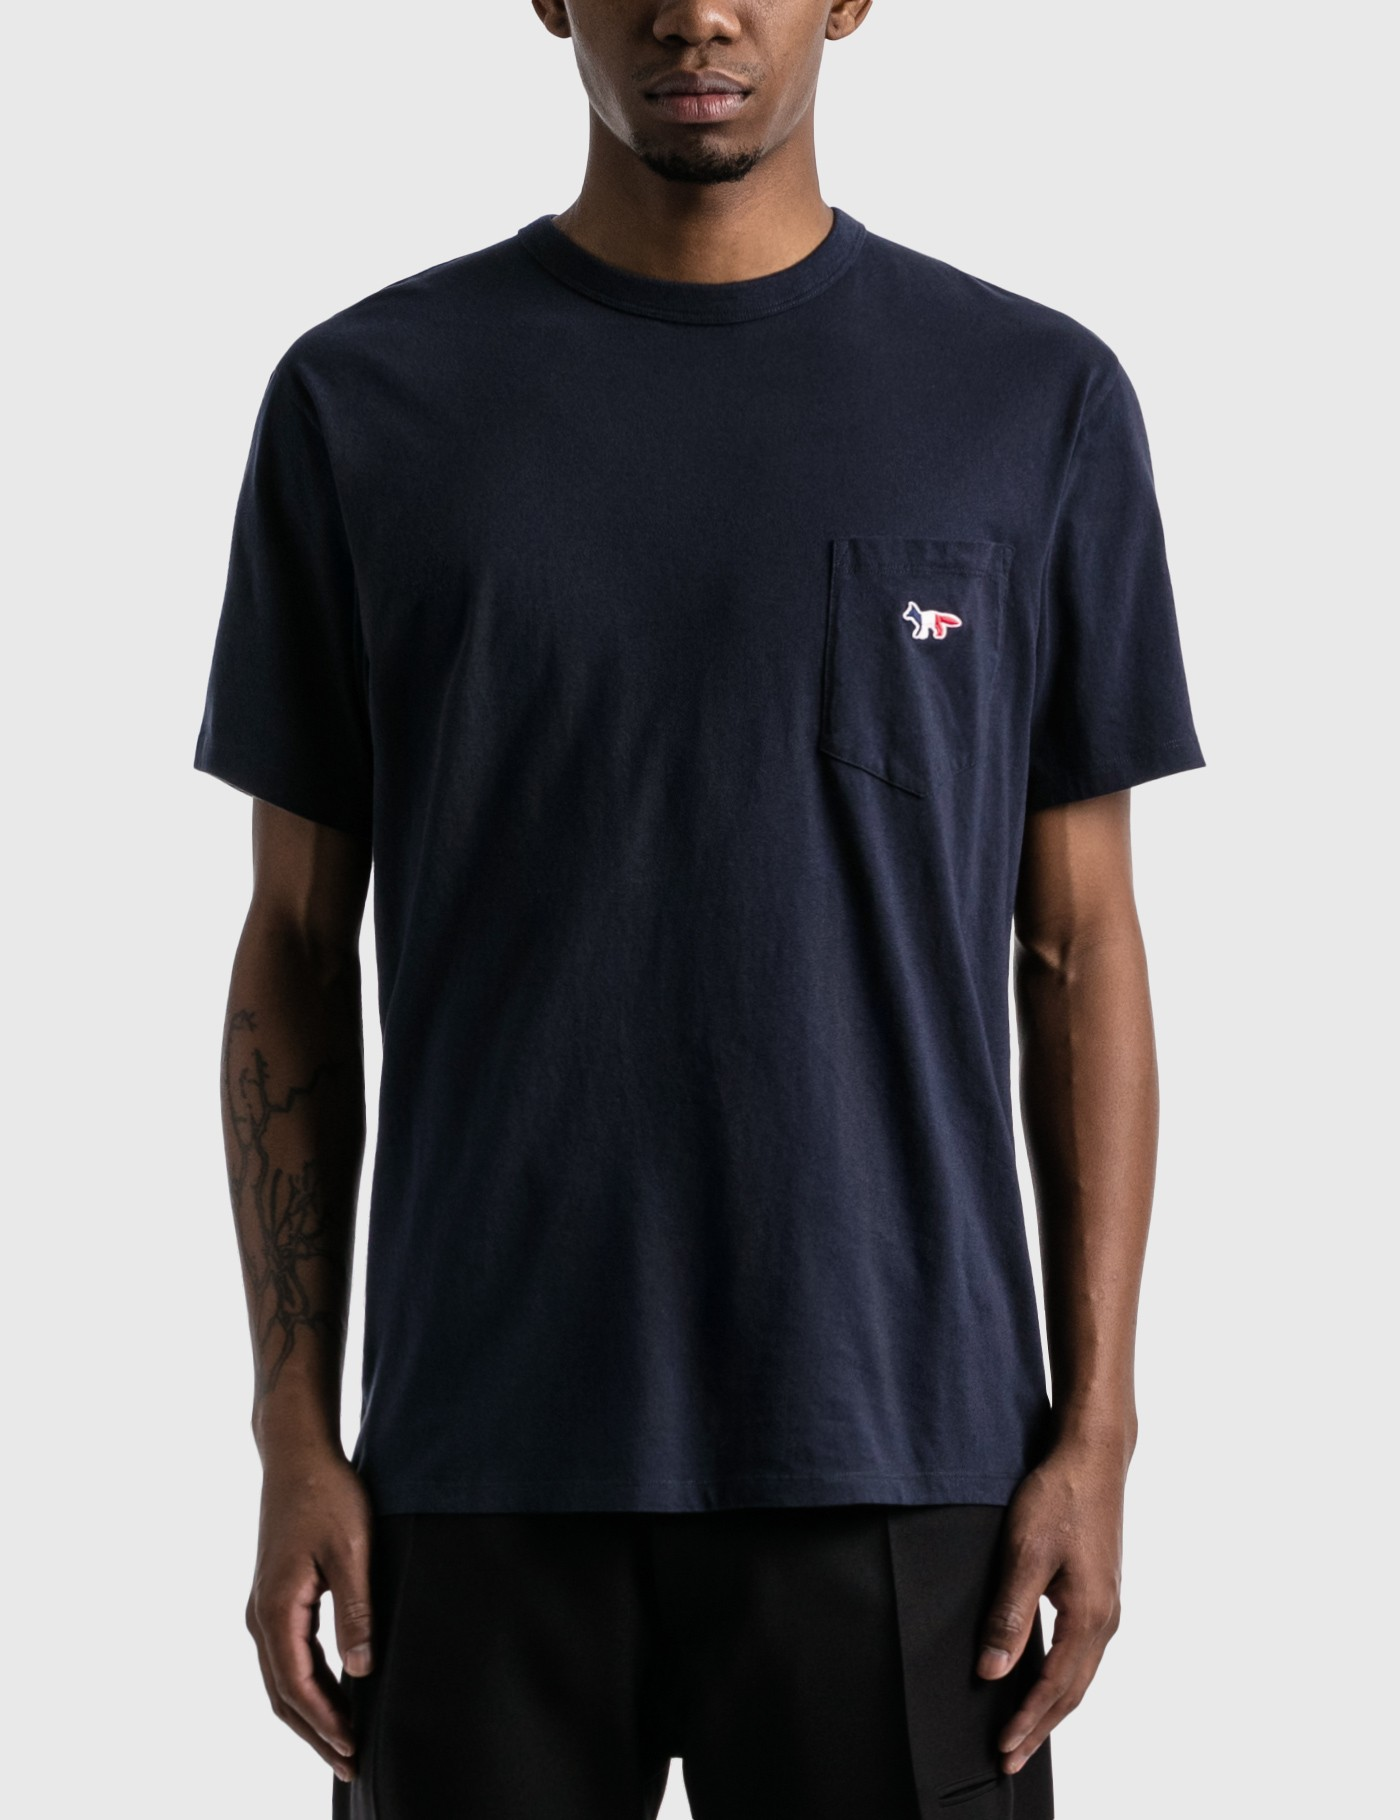 Maison Kitsuné Tricolor Fox Patch-chest Pocket Cotton T-shirt In Blue